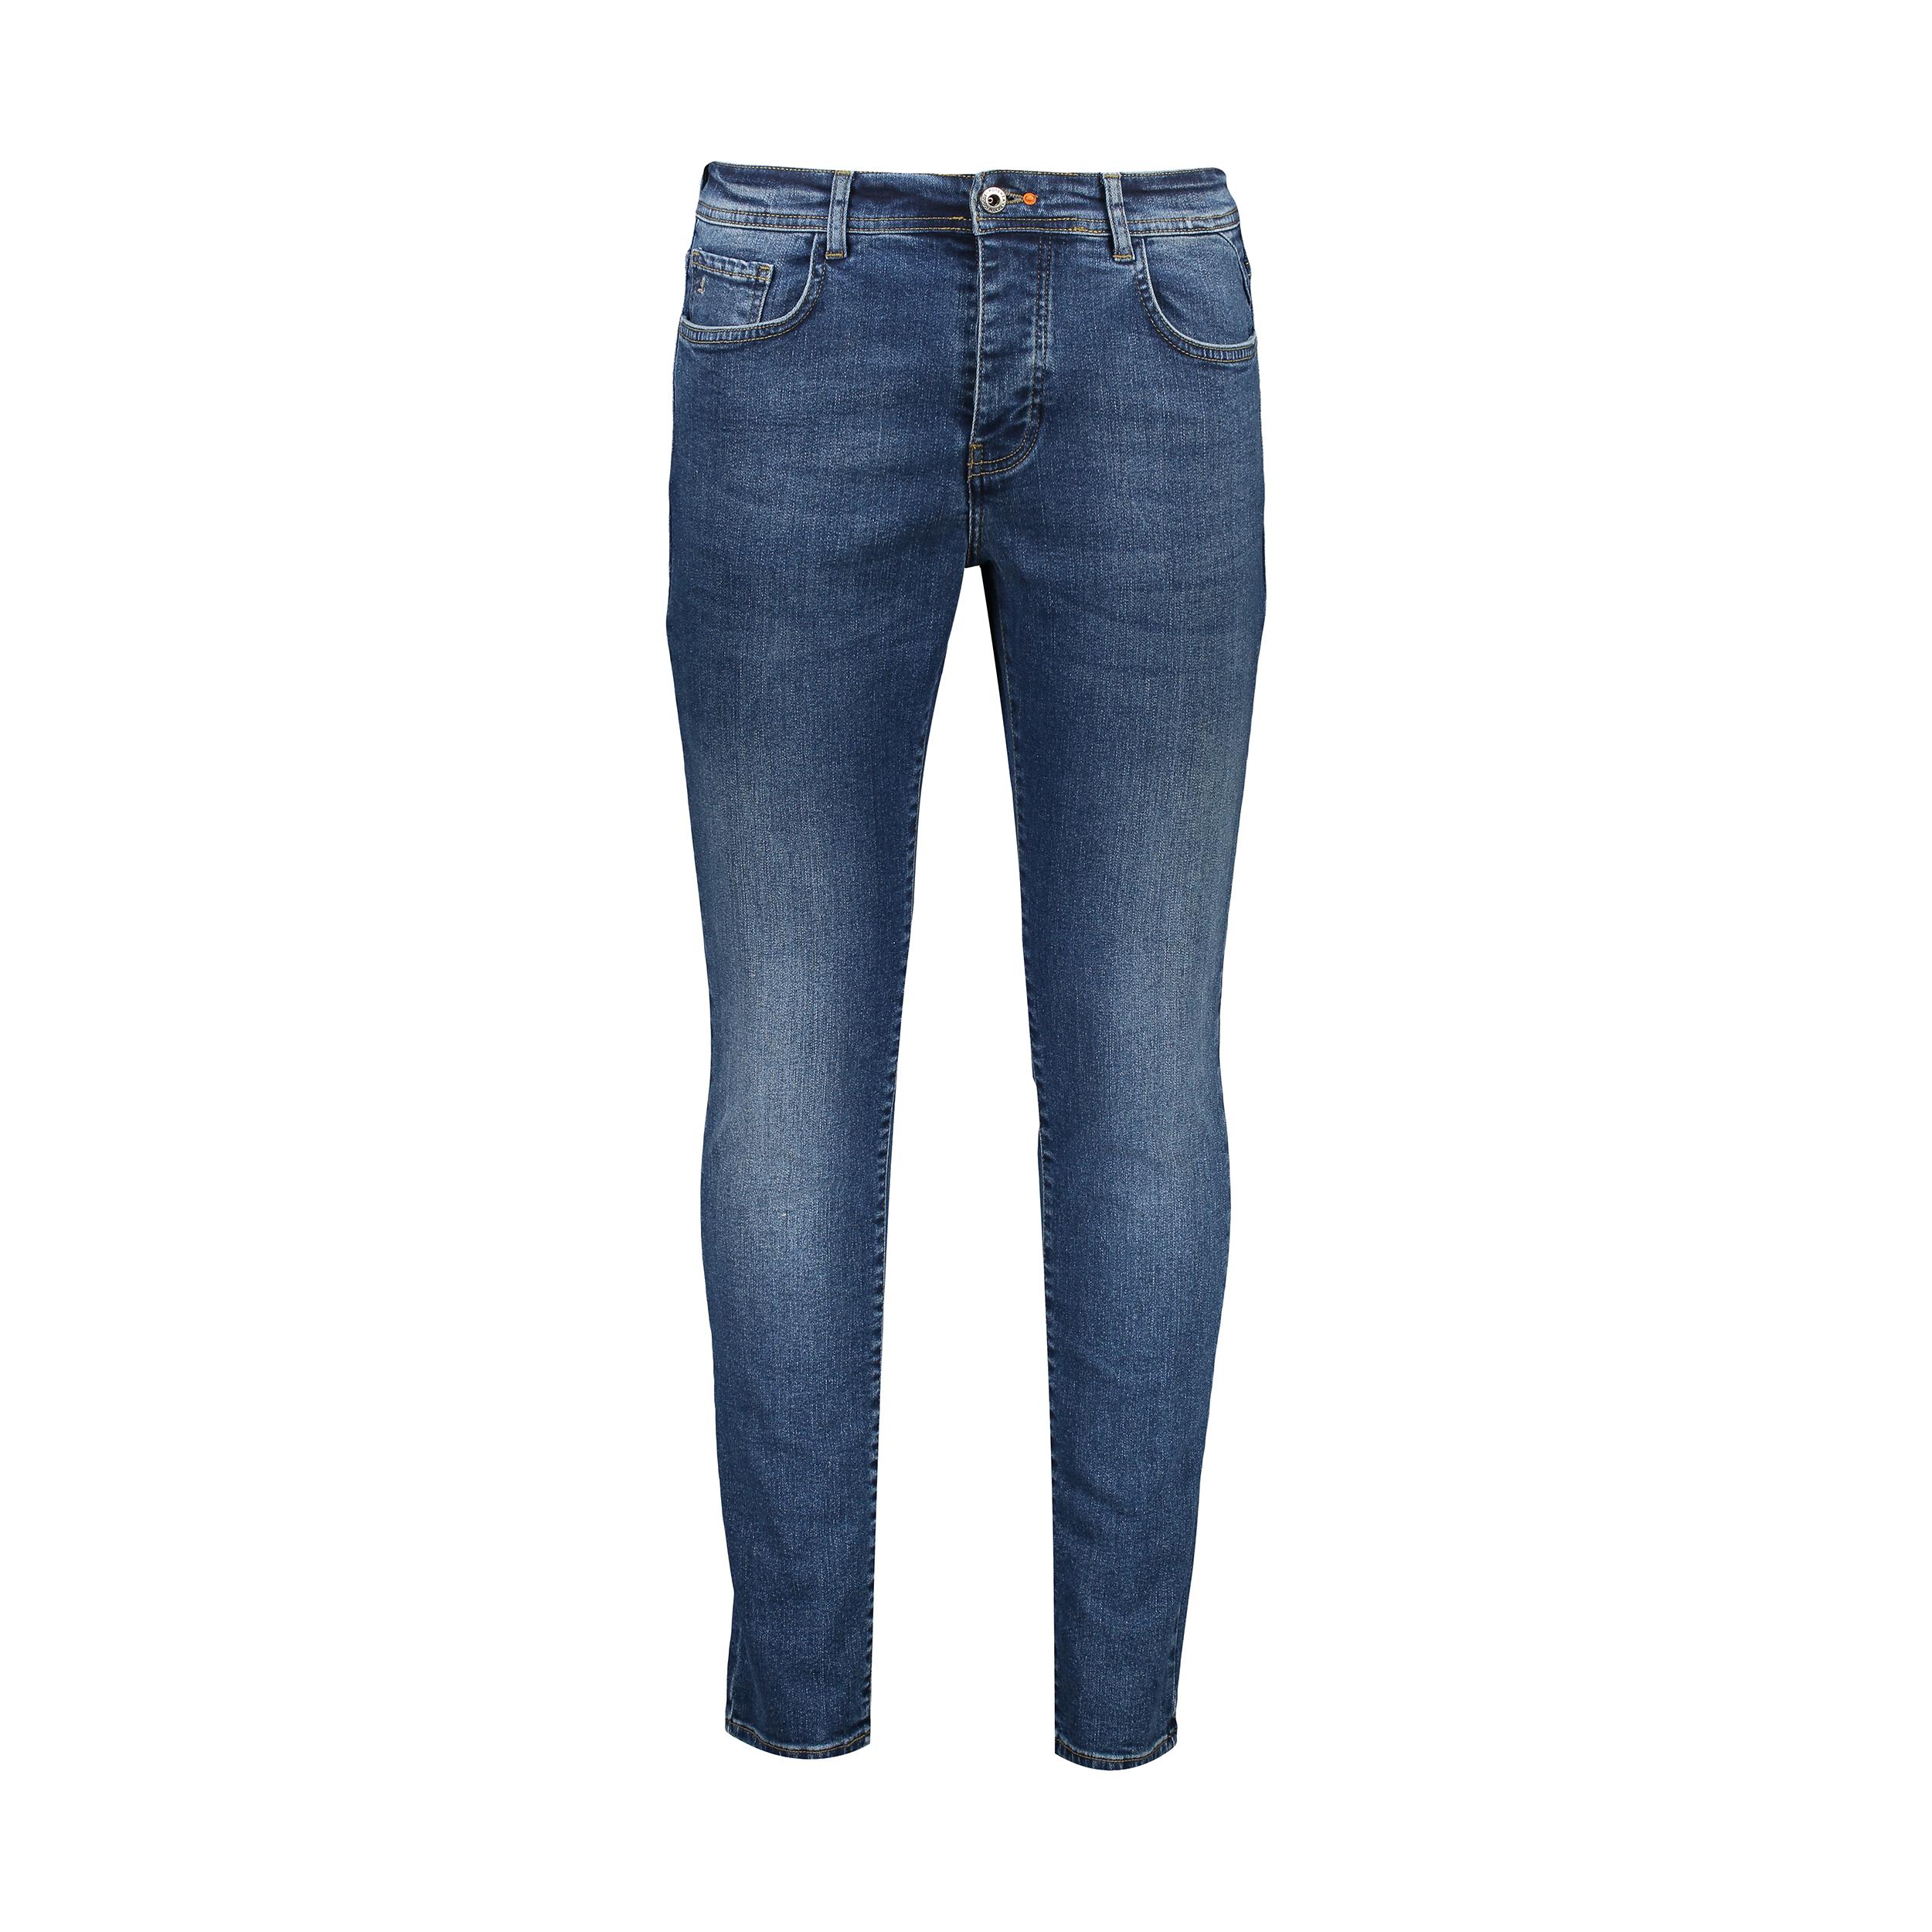 شلوار جین مردانه کیکی رایکی مدل MBB3368-212